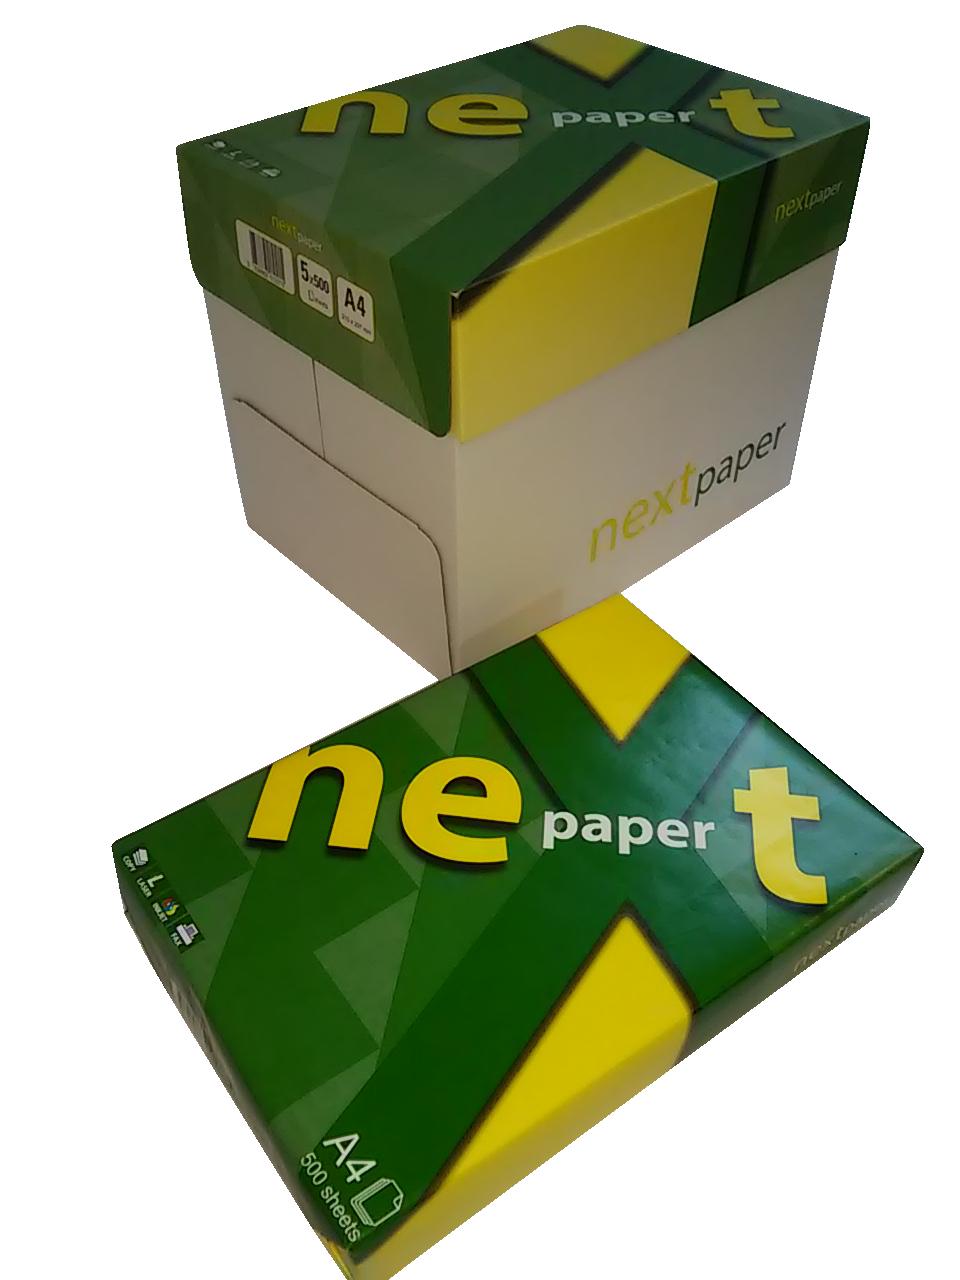 При покупка на съвместима тонер касета, за всяка закупена тонер касета, получавате до 5 пакета копирна хартия Next Paper А4 80гр. 500л. на ПРОМО ЦЕНА